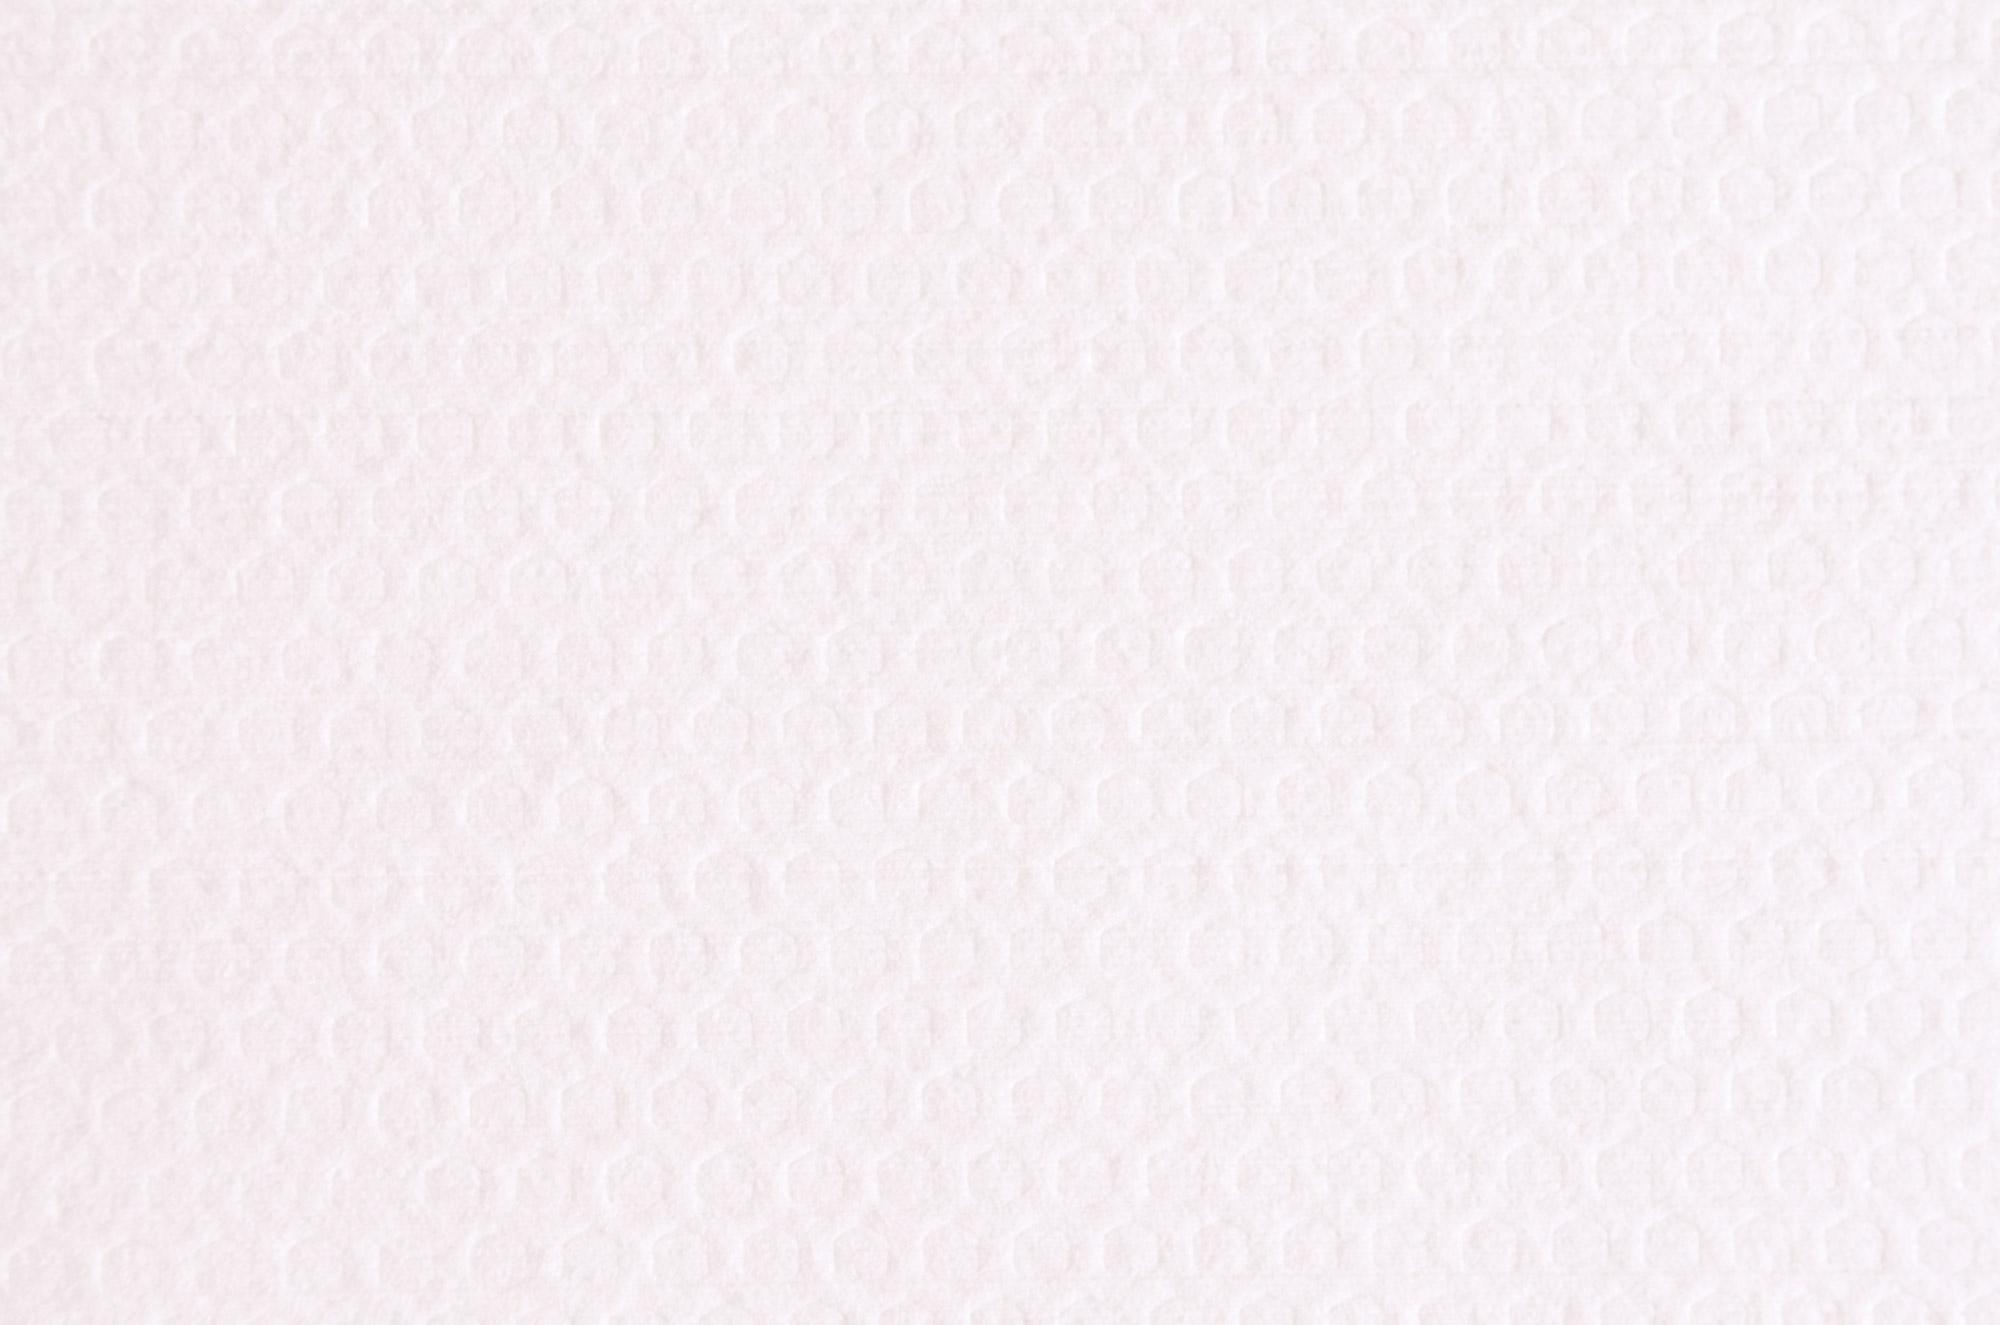 All-tex White110 p.roll 38x29cm- 1x475s